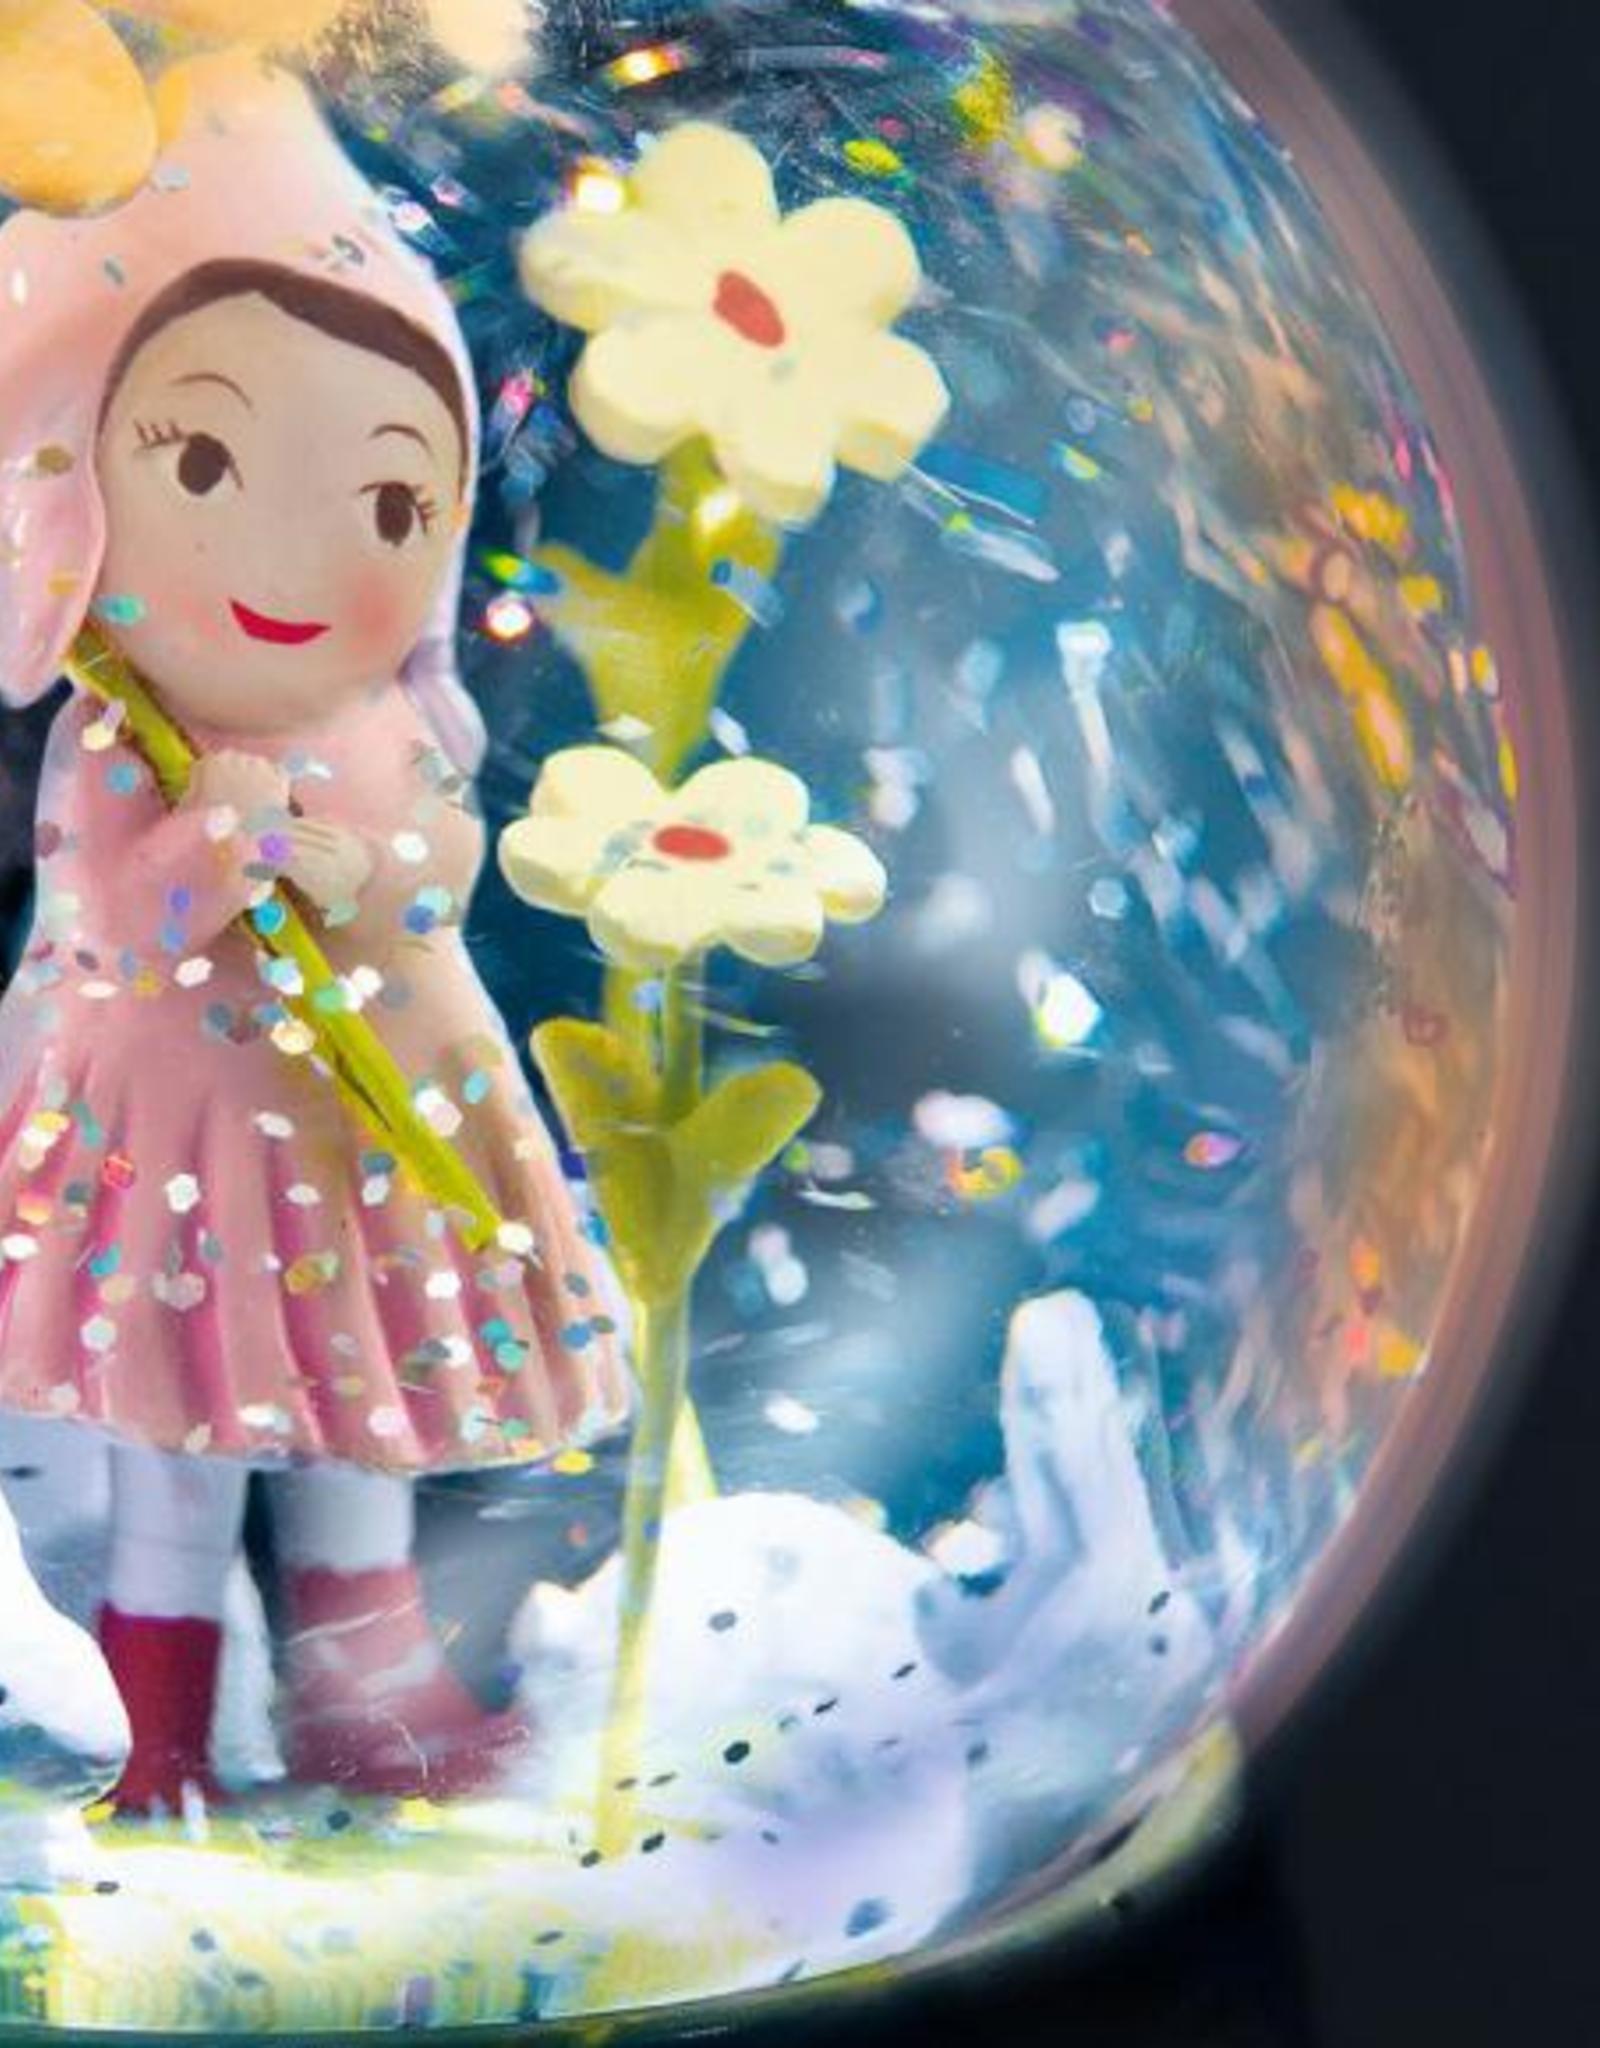 Djeco Nachtlampje Meisje met dwarrelende sneeuwvlokjes - Djeco